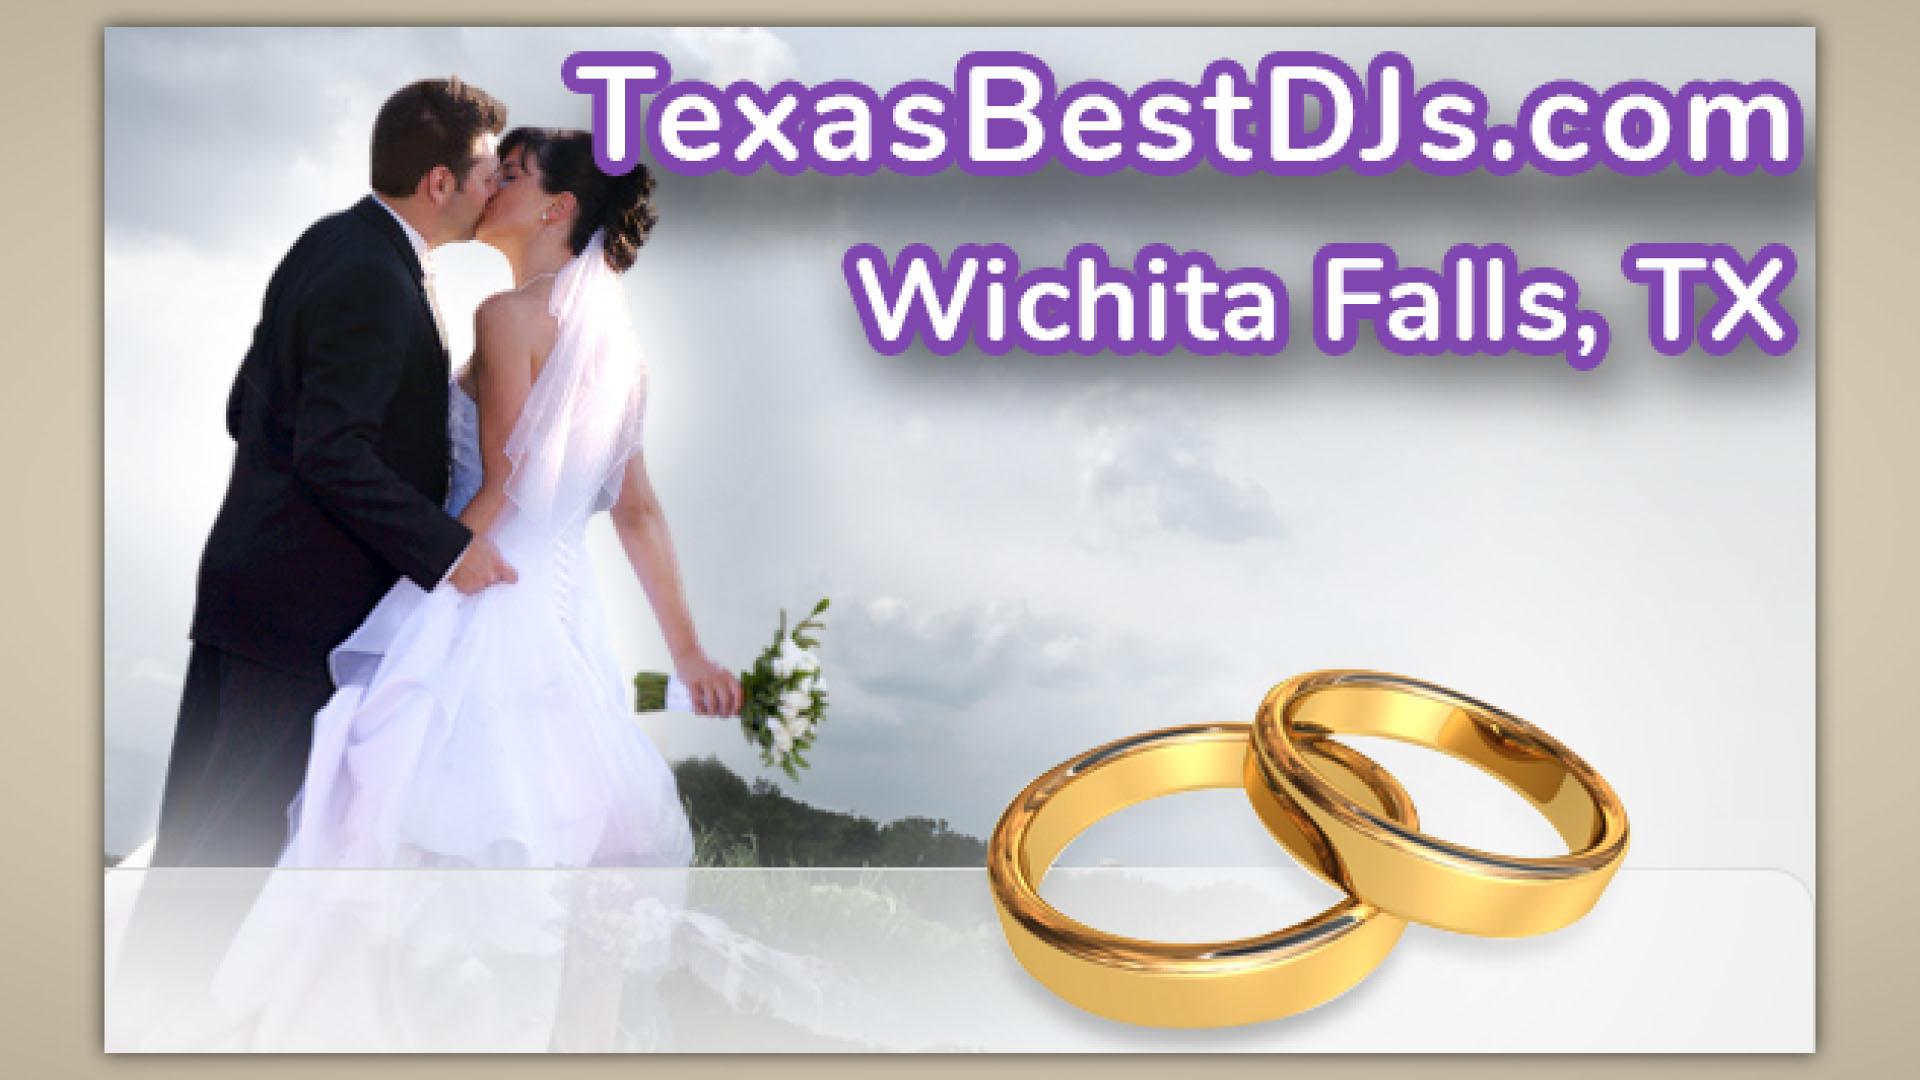 Wichita Falls Wedding DJ